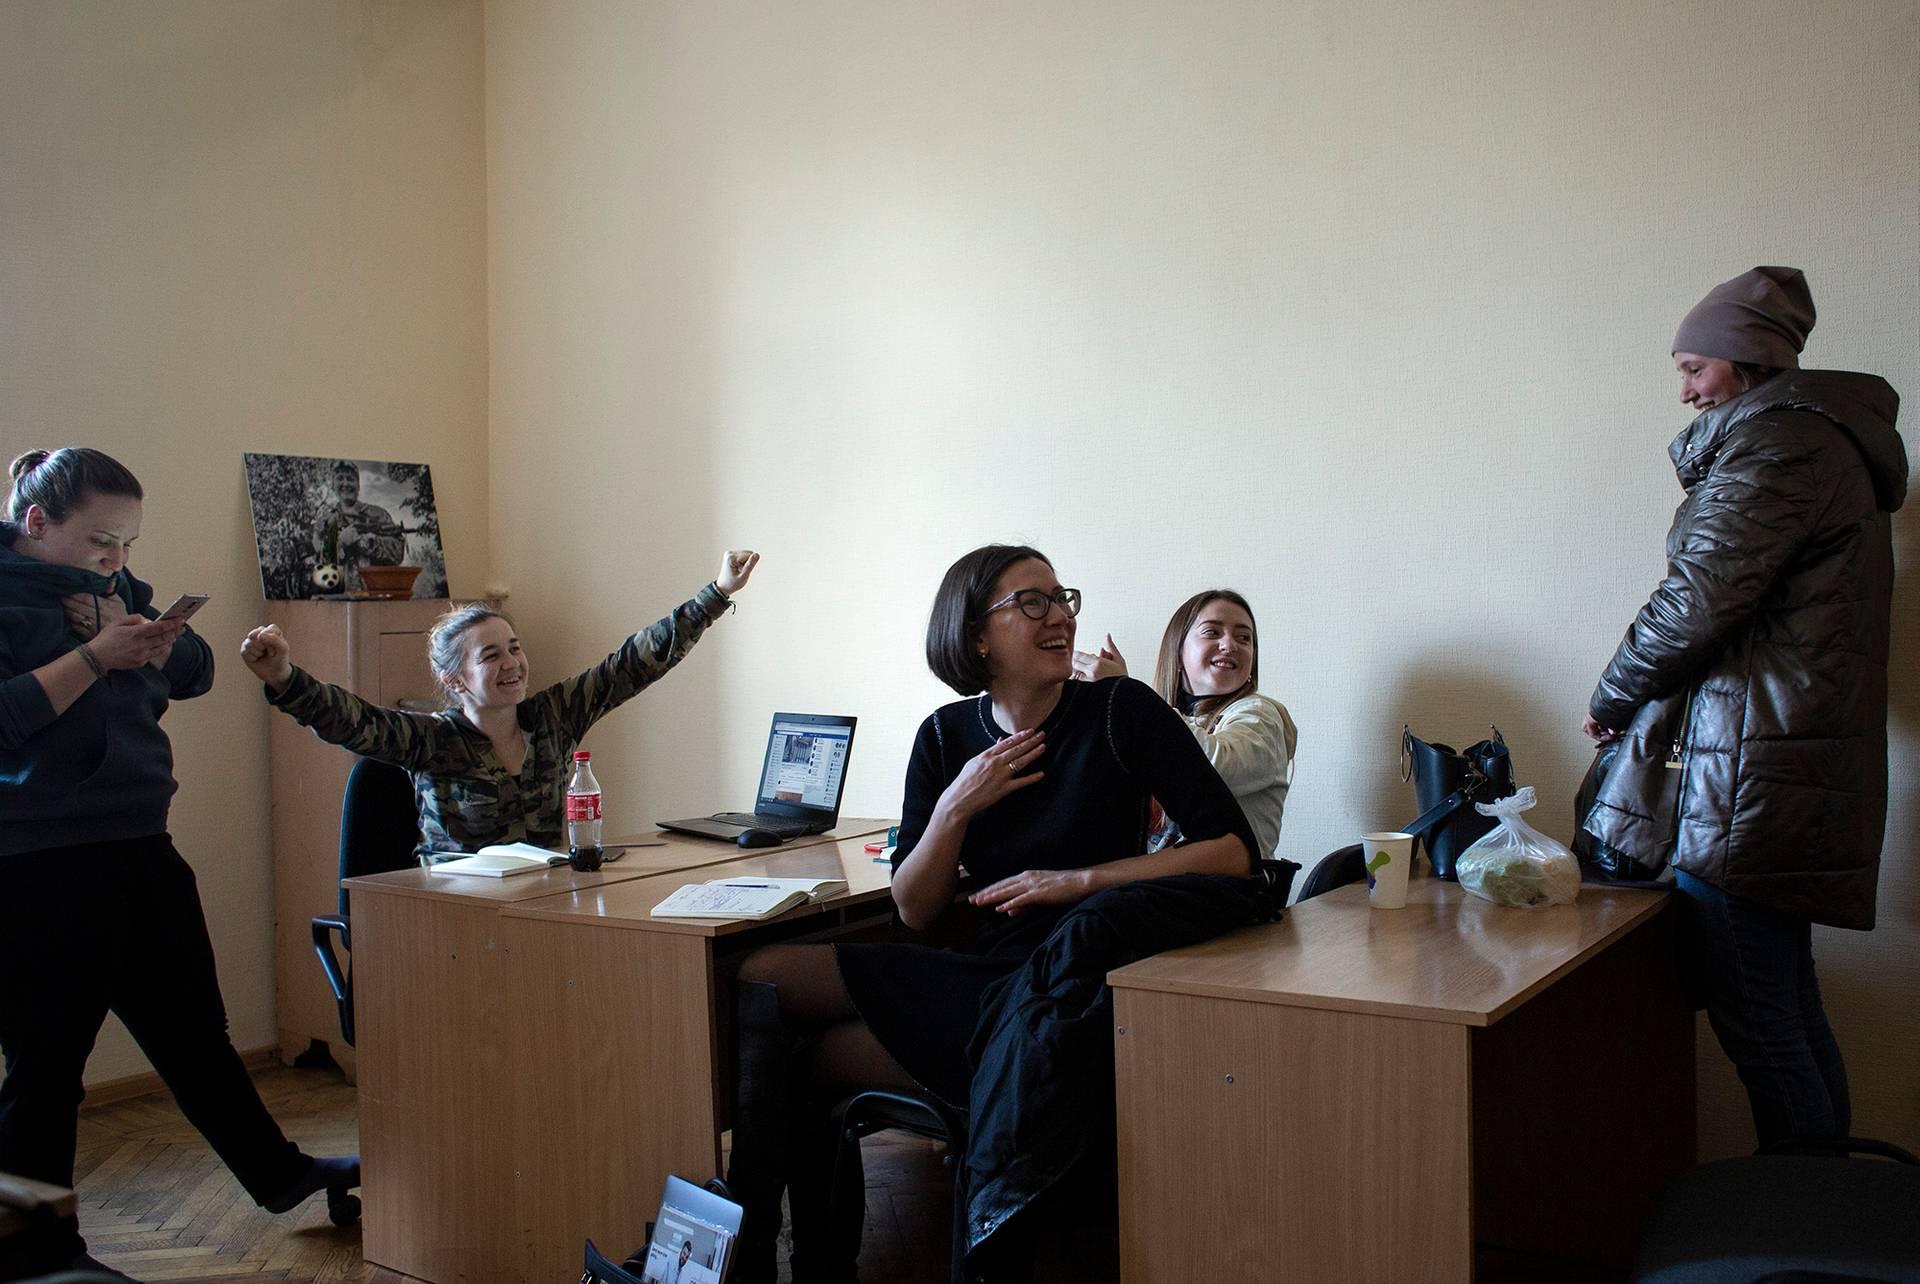 Зустріч Жіночого ветеранського руху (об'єднує діючих жінок військових, ветеранок, добровольців, волонтерів і медиків), Київ, 7 березня 2019 року. Галина та Андріана — членкині руху